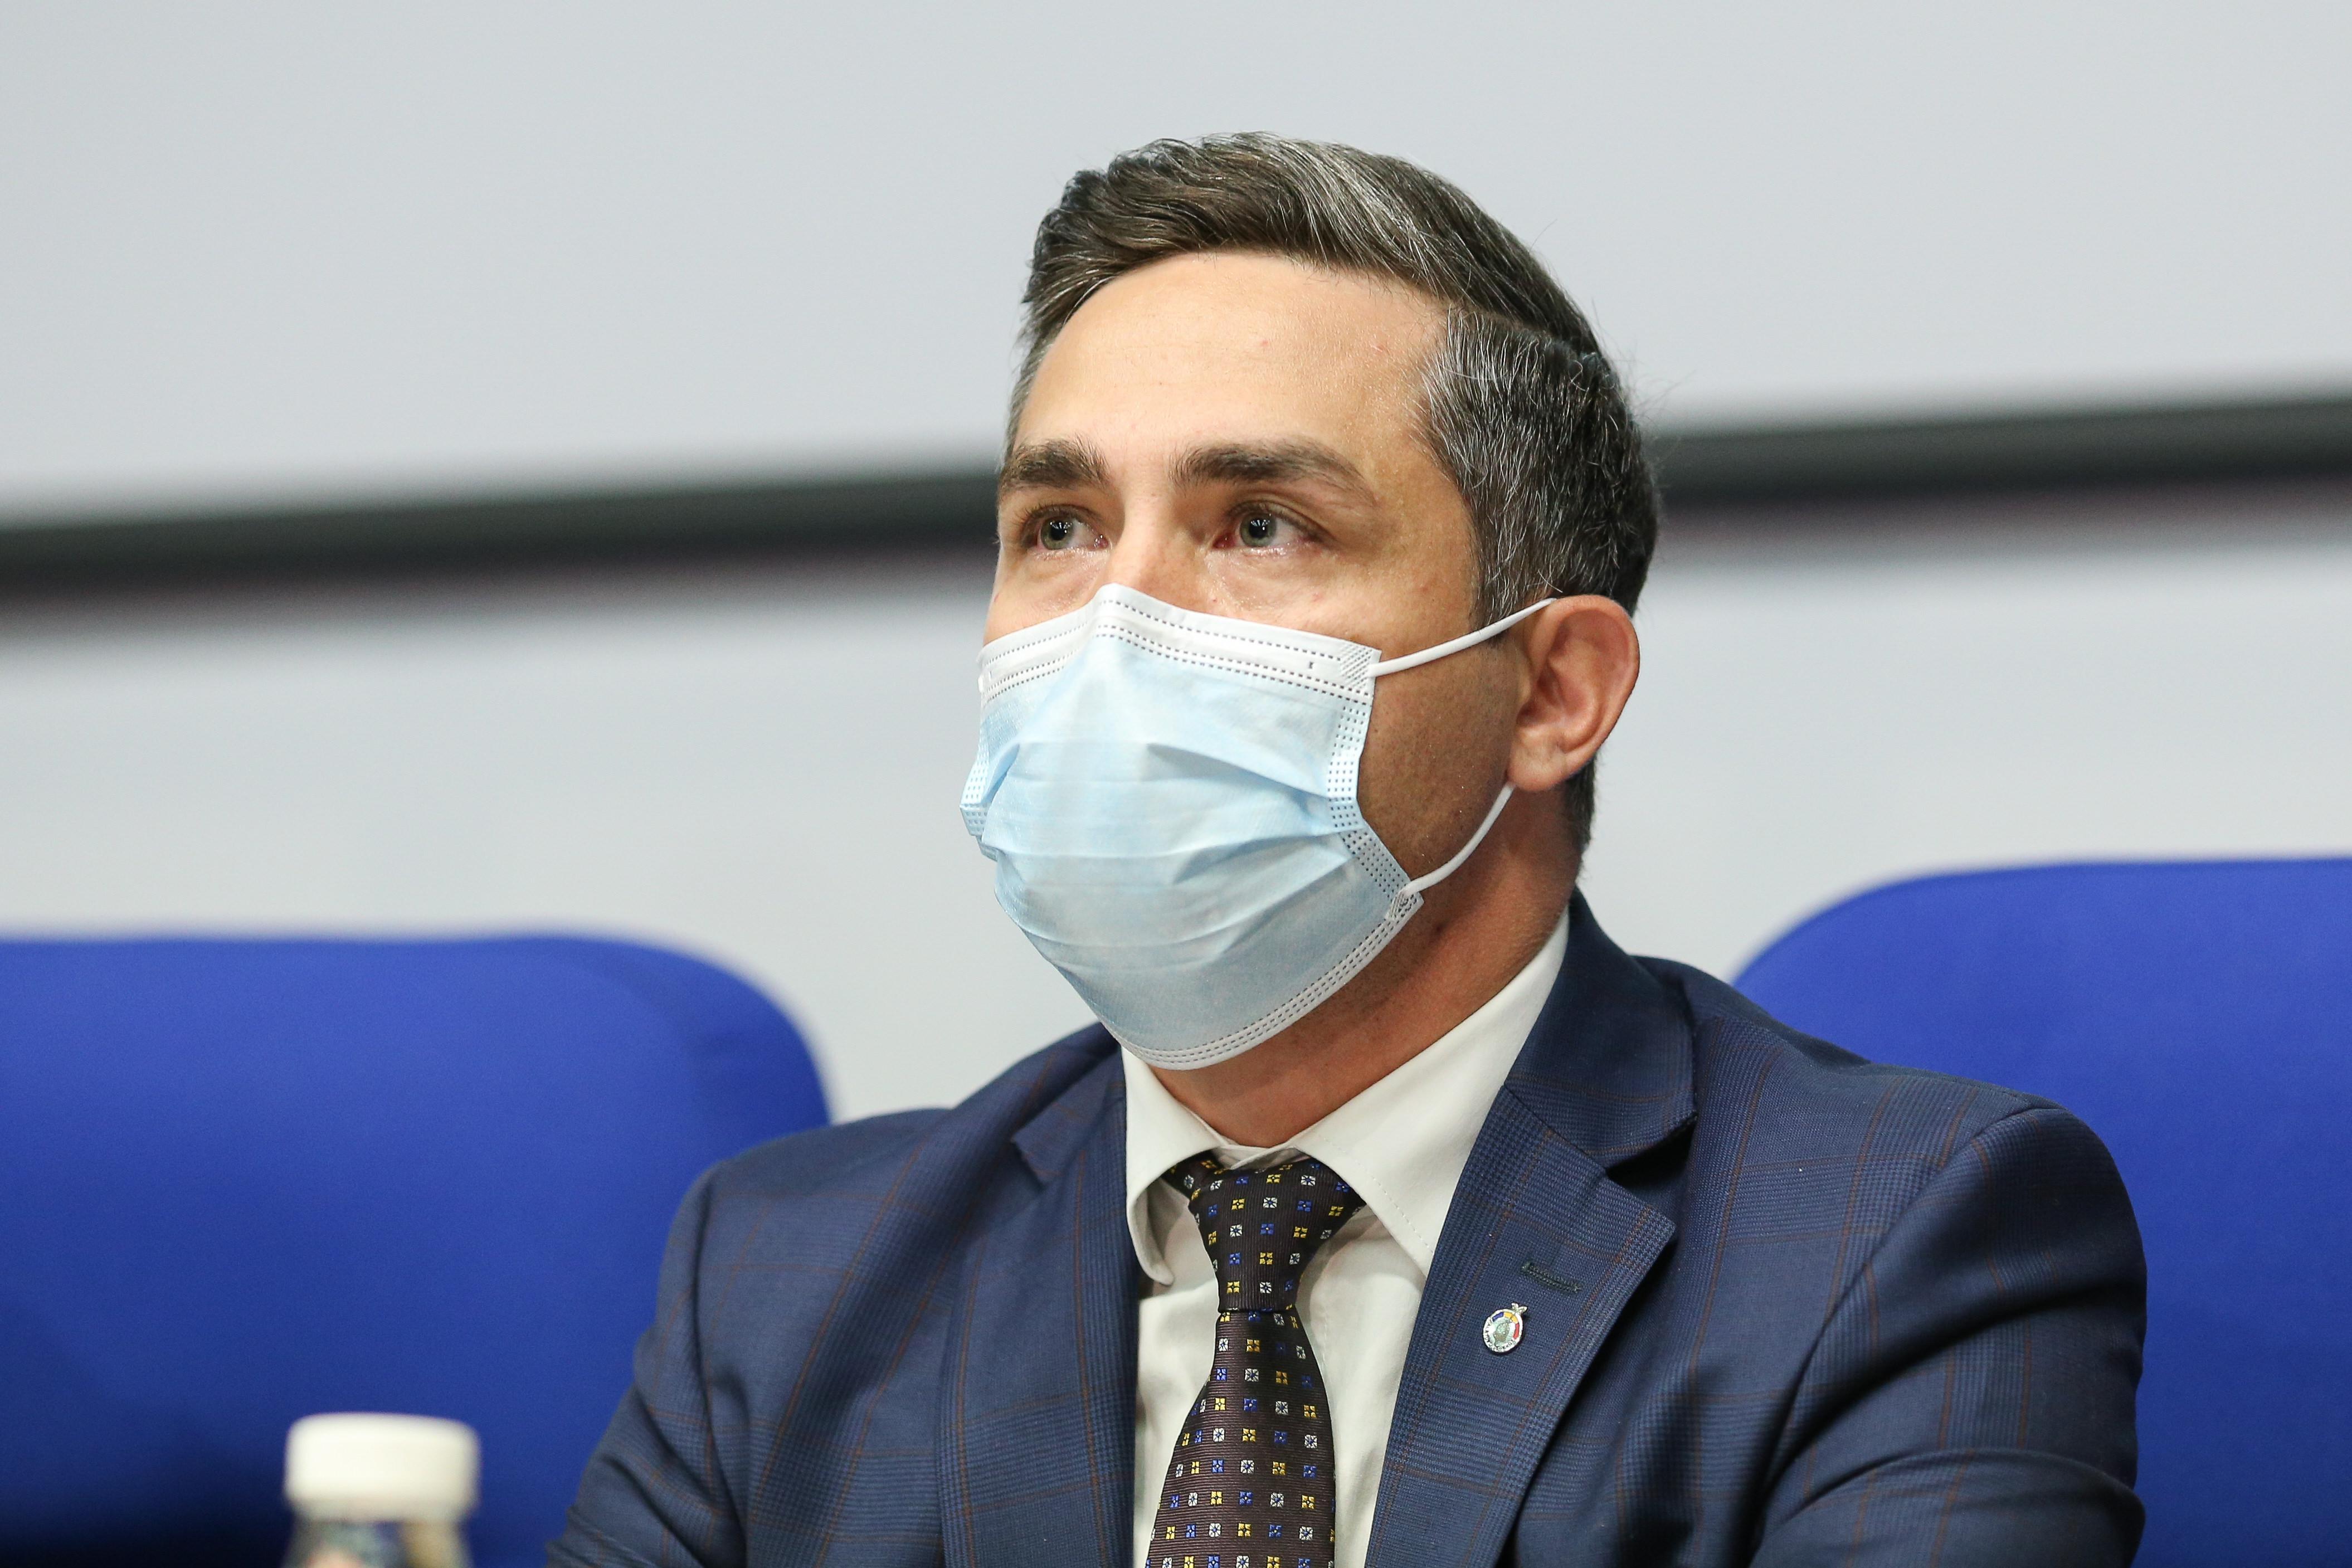 Valeriu Gheorghiță: Dacă rata de vaccinare în România ar fi fost peste 80%, azi nu aveam 440 de decese, ci 44